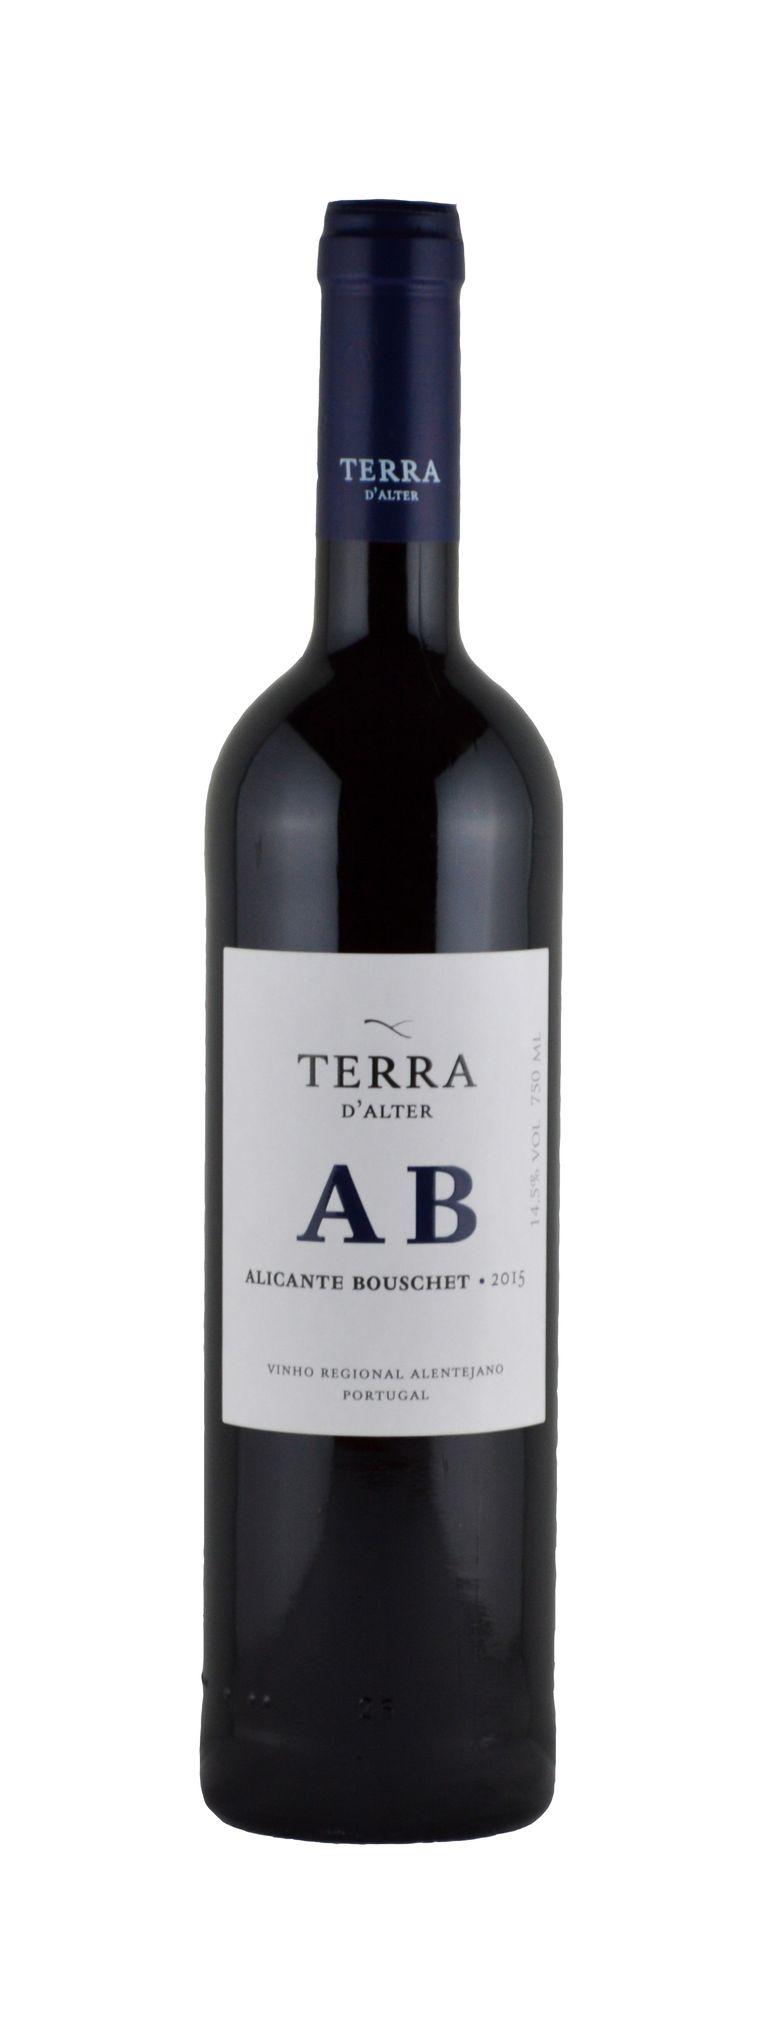 Bij Iberische wijnen lijken alle makers naar hetzelfde te streven: zwarte concentratie ingepakt in eikenhout. Maar dit is anders. De Terra d'Alter geurt naar eucalyptus en zwarte bessen, is verheugend fris en diep fruitig in de mond. En dat van een druif die op zijn thuisbasis Zuid-Frankrijk rap aan het verdwijnen is. Onze aanrader van deze proeverij!  Terra d'Alter, Alicante Bouschet 2016, Alentejo Te koop bij wijnhandels, (adressen via info@flordelvino.nl), Adviesprijs € 9,95 Beeld